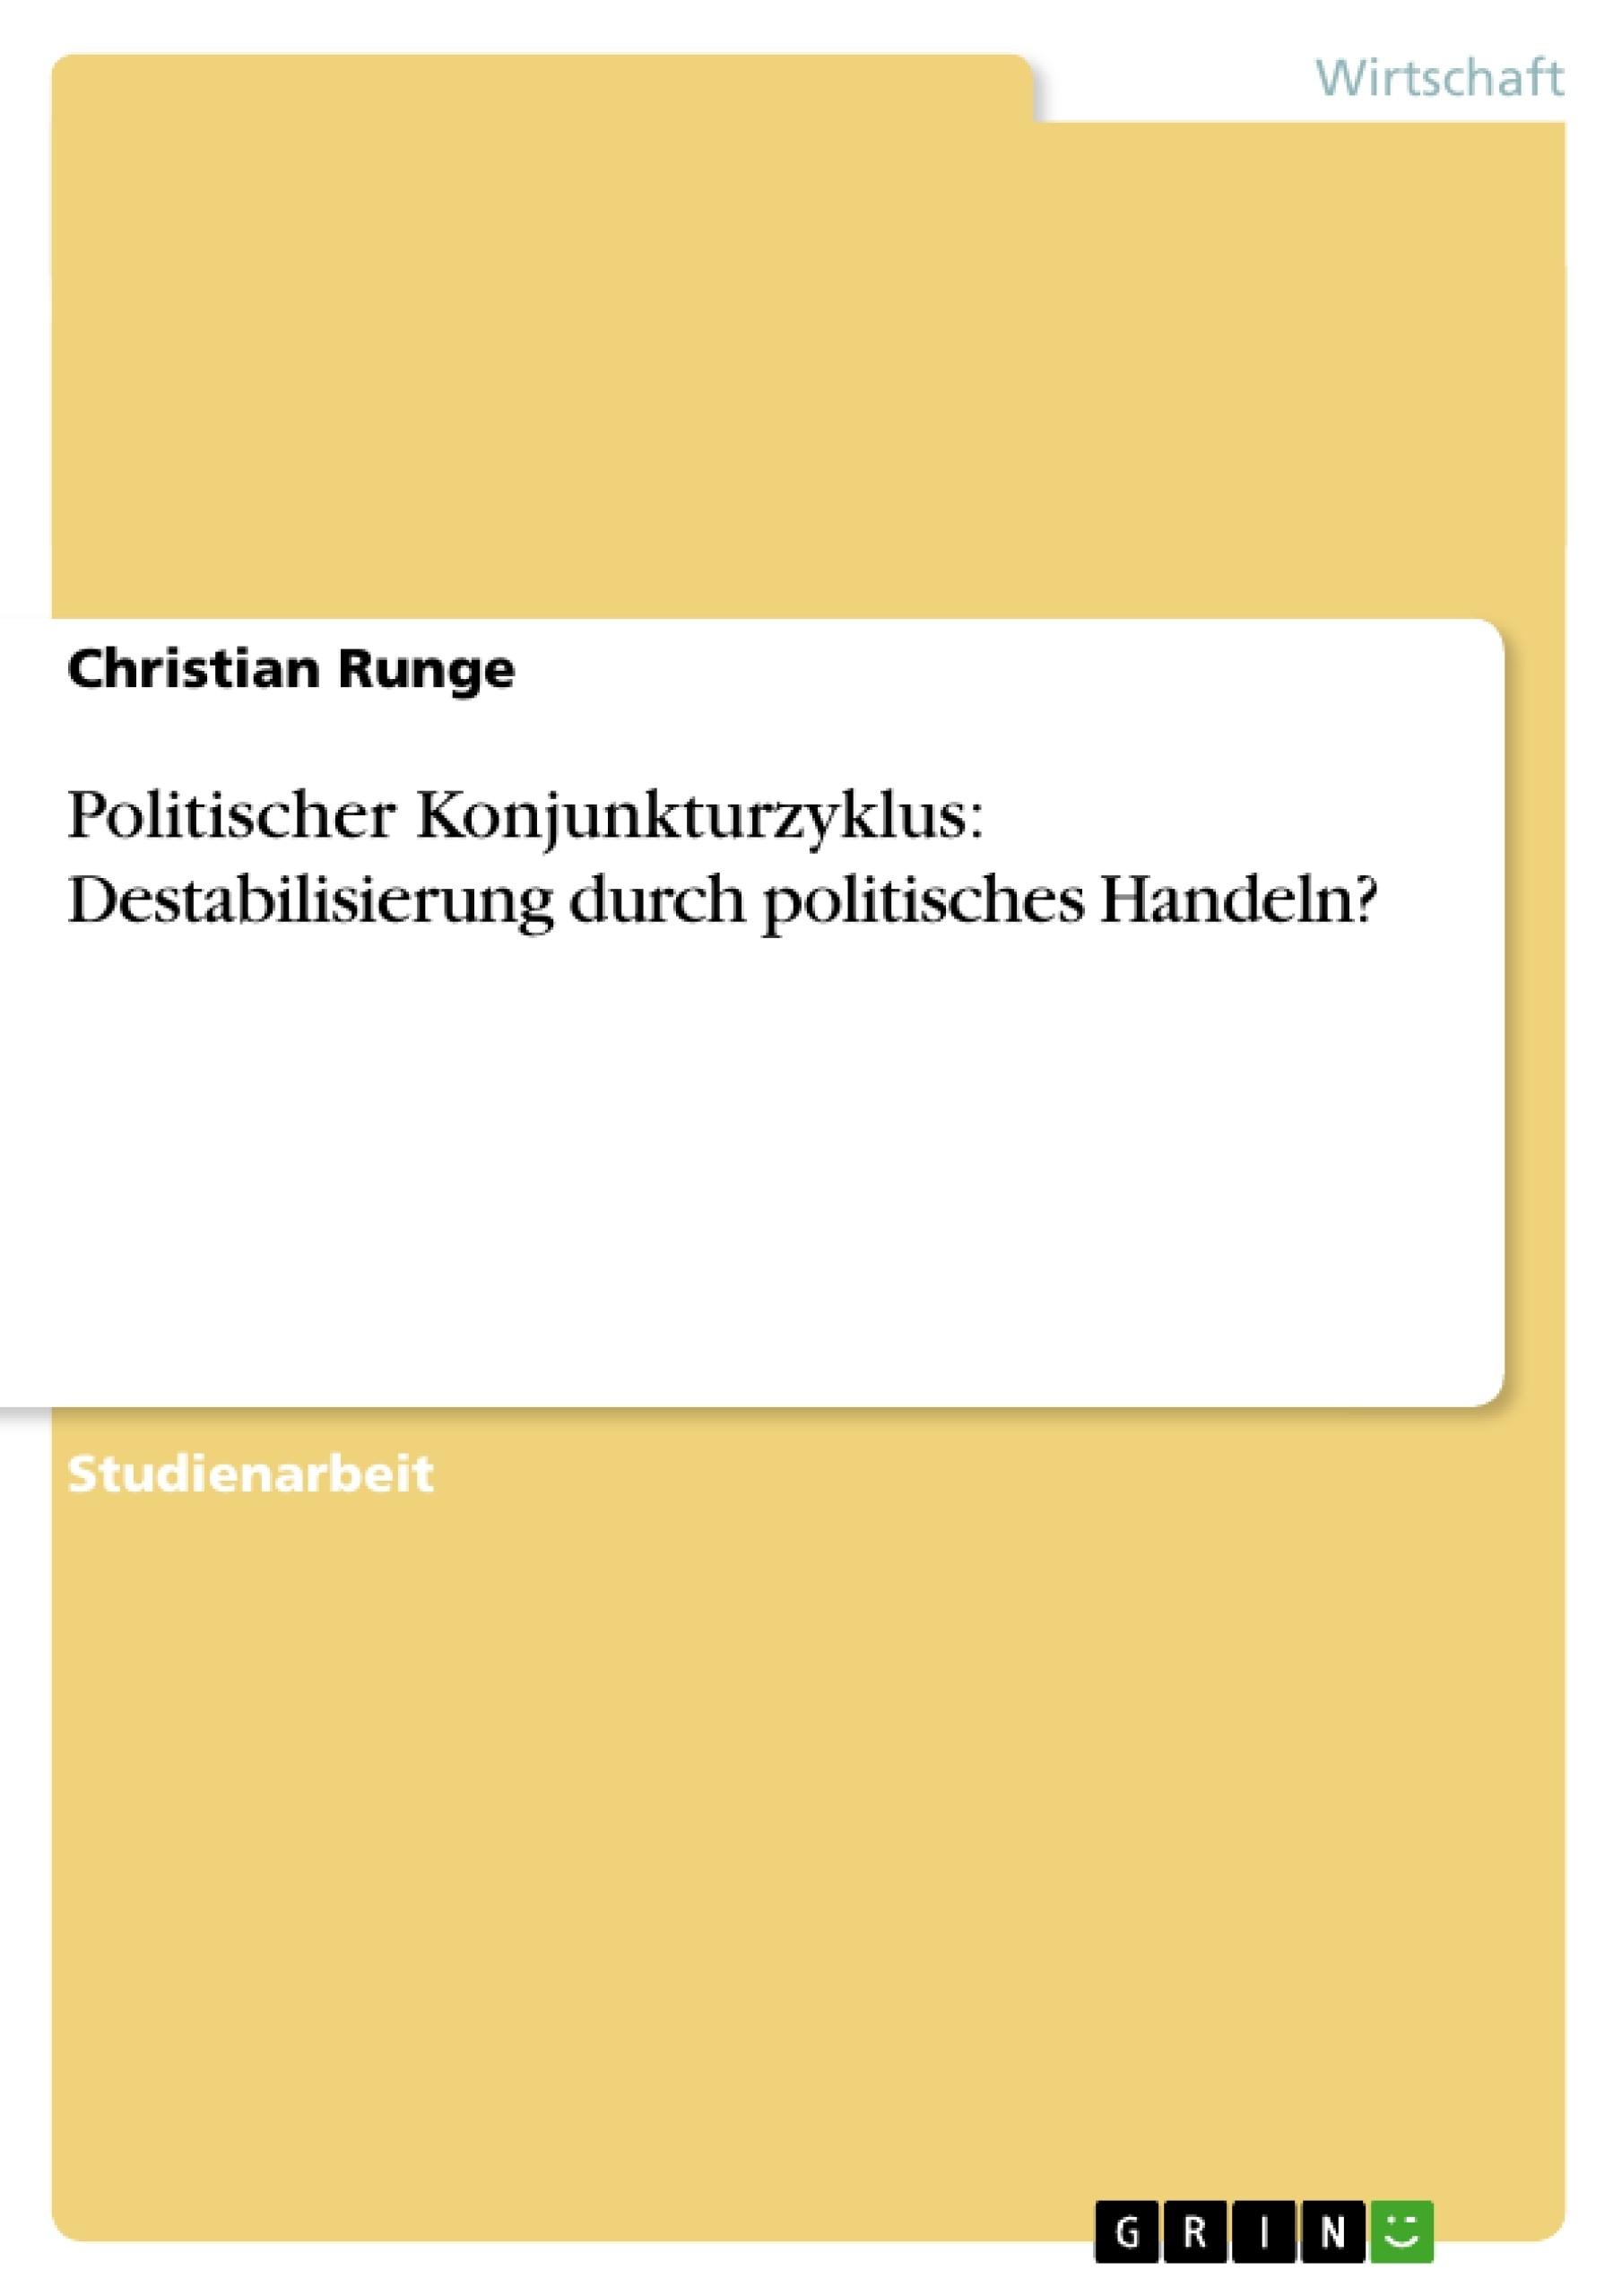 Titel: Politischer Konjunkturzyklus: Destabilisierung durch politisches Handeln?